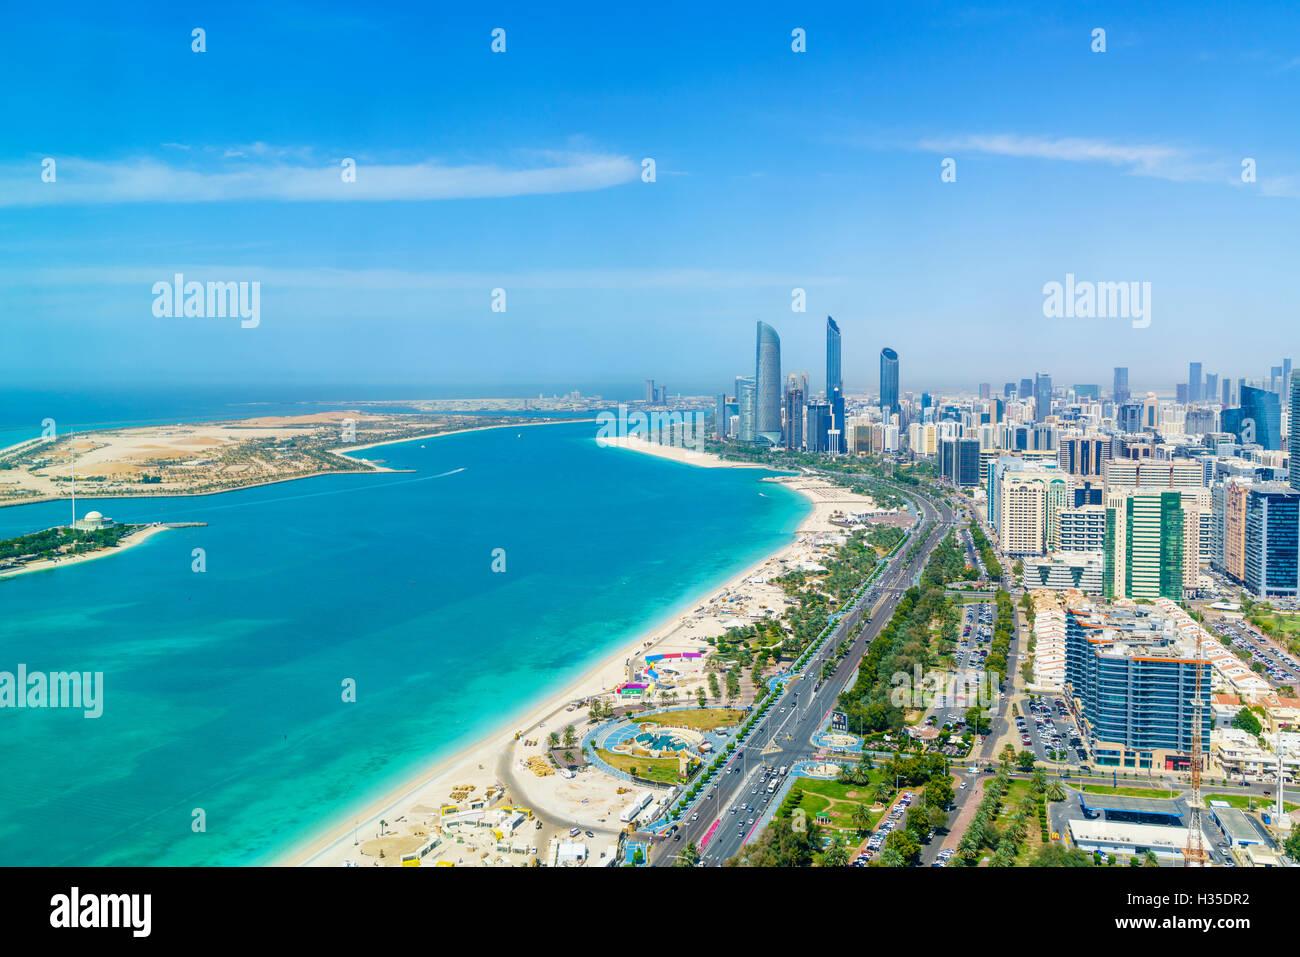 Skyline e Corniche, al quartiere Markaziyah, Abu Dhabi, Emirati Arabi Uniti, Medio Oriente Immagini Stock